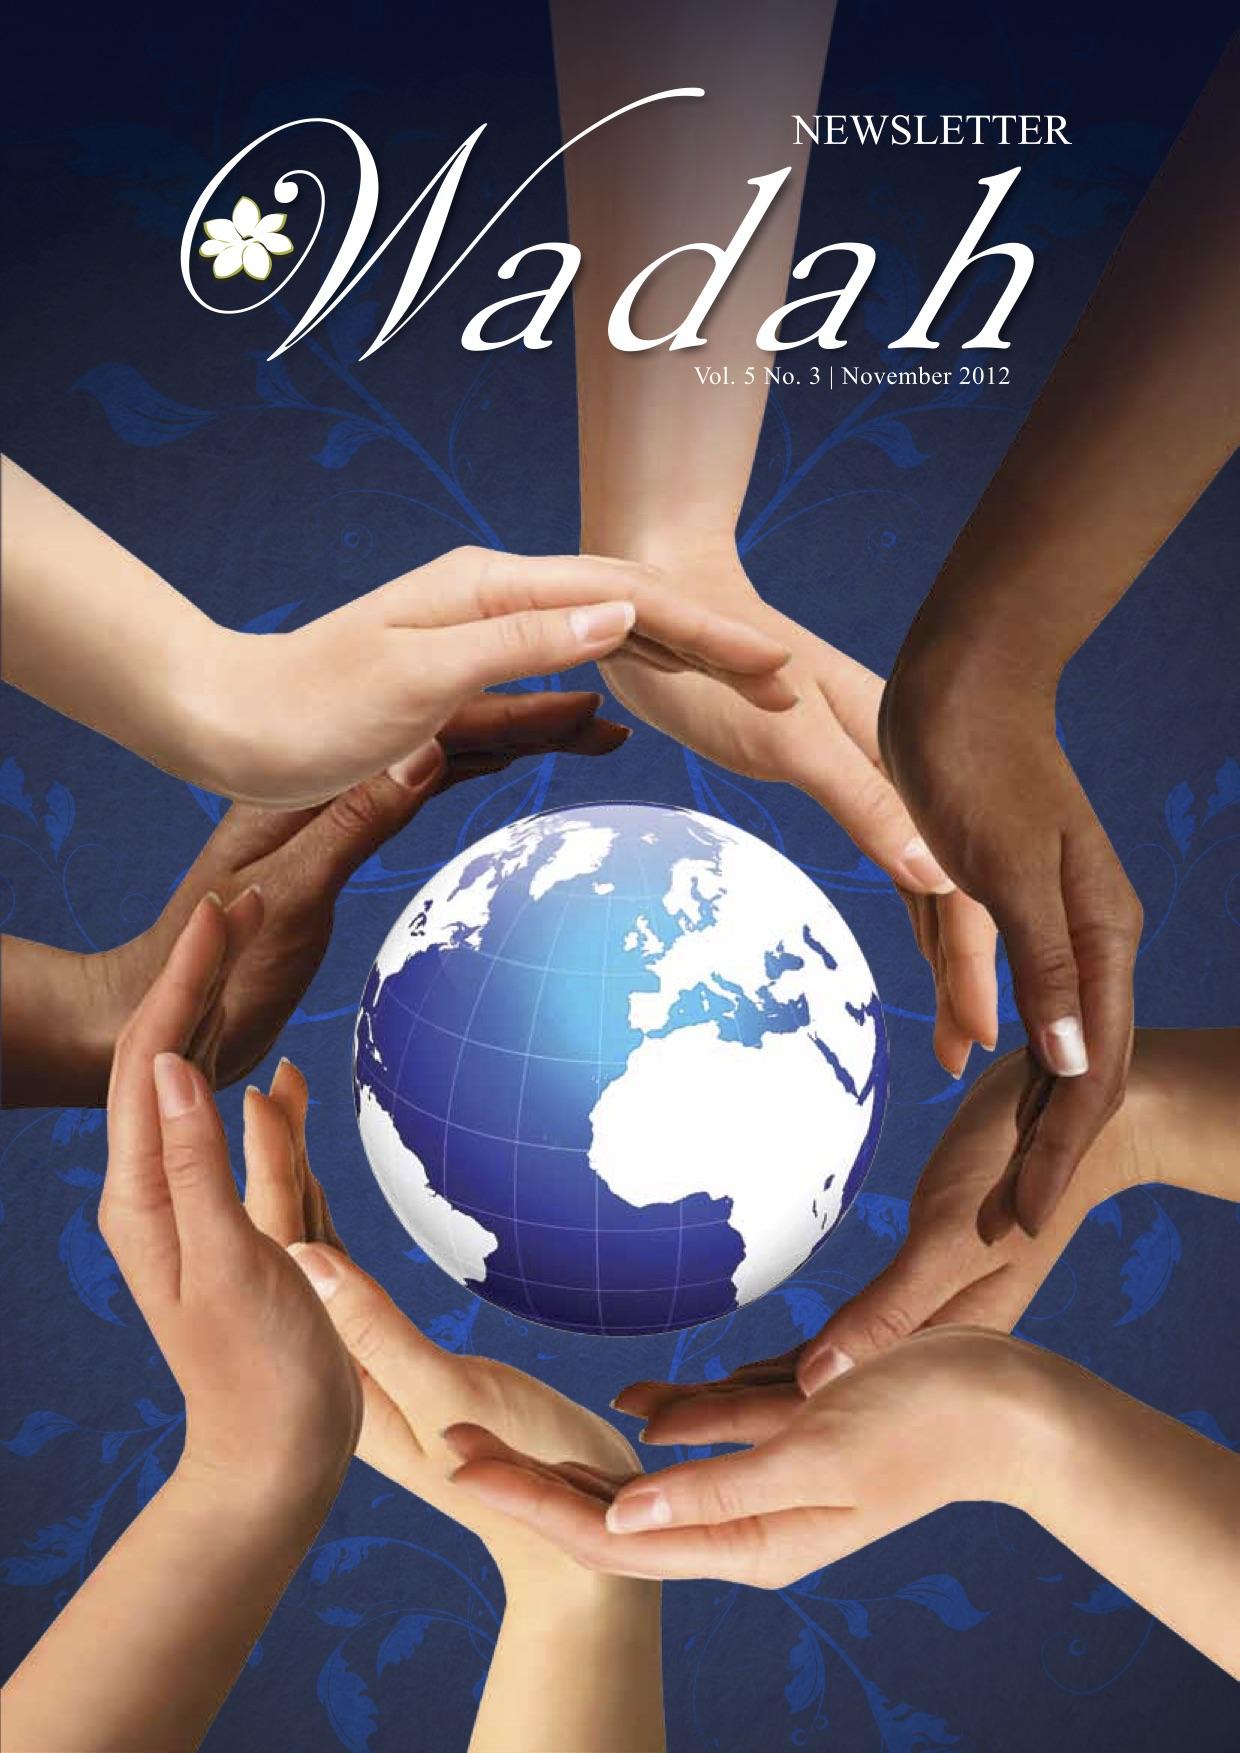 Vol. 5 No. 3 - November 2012